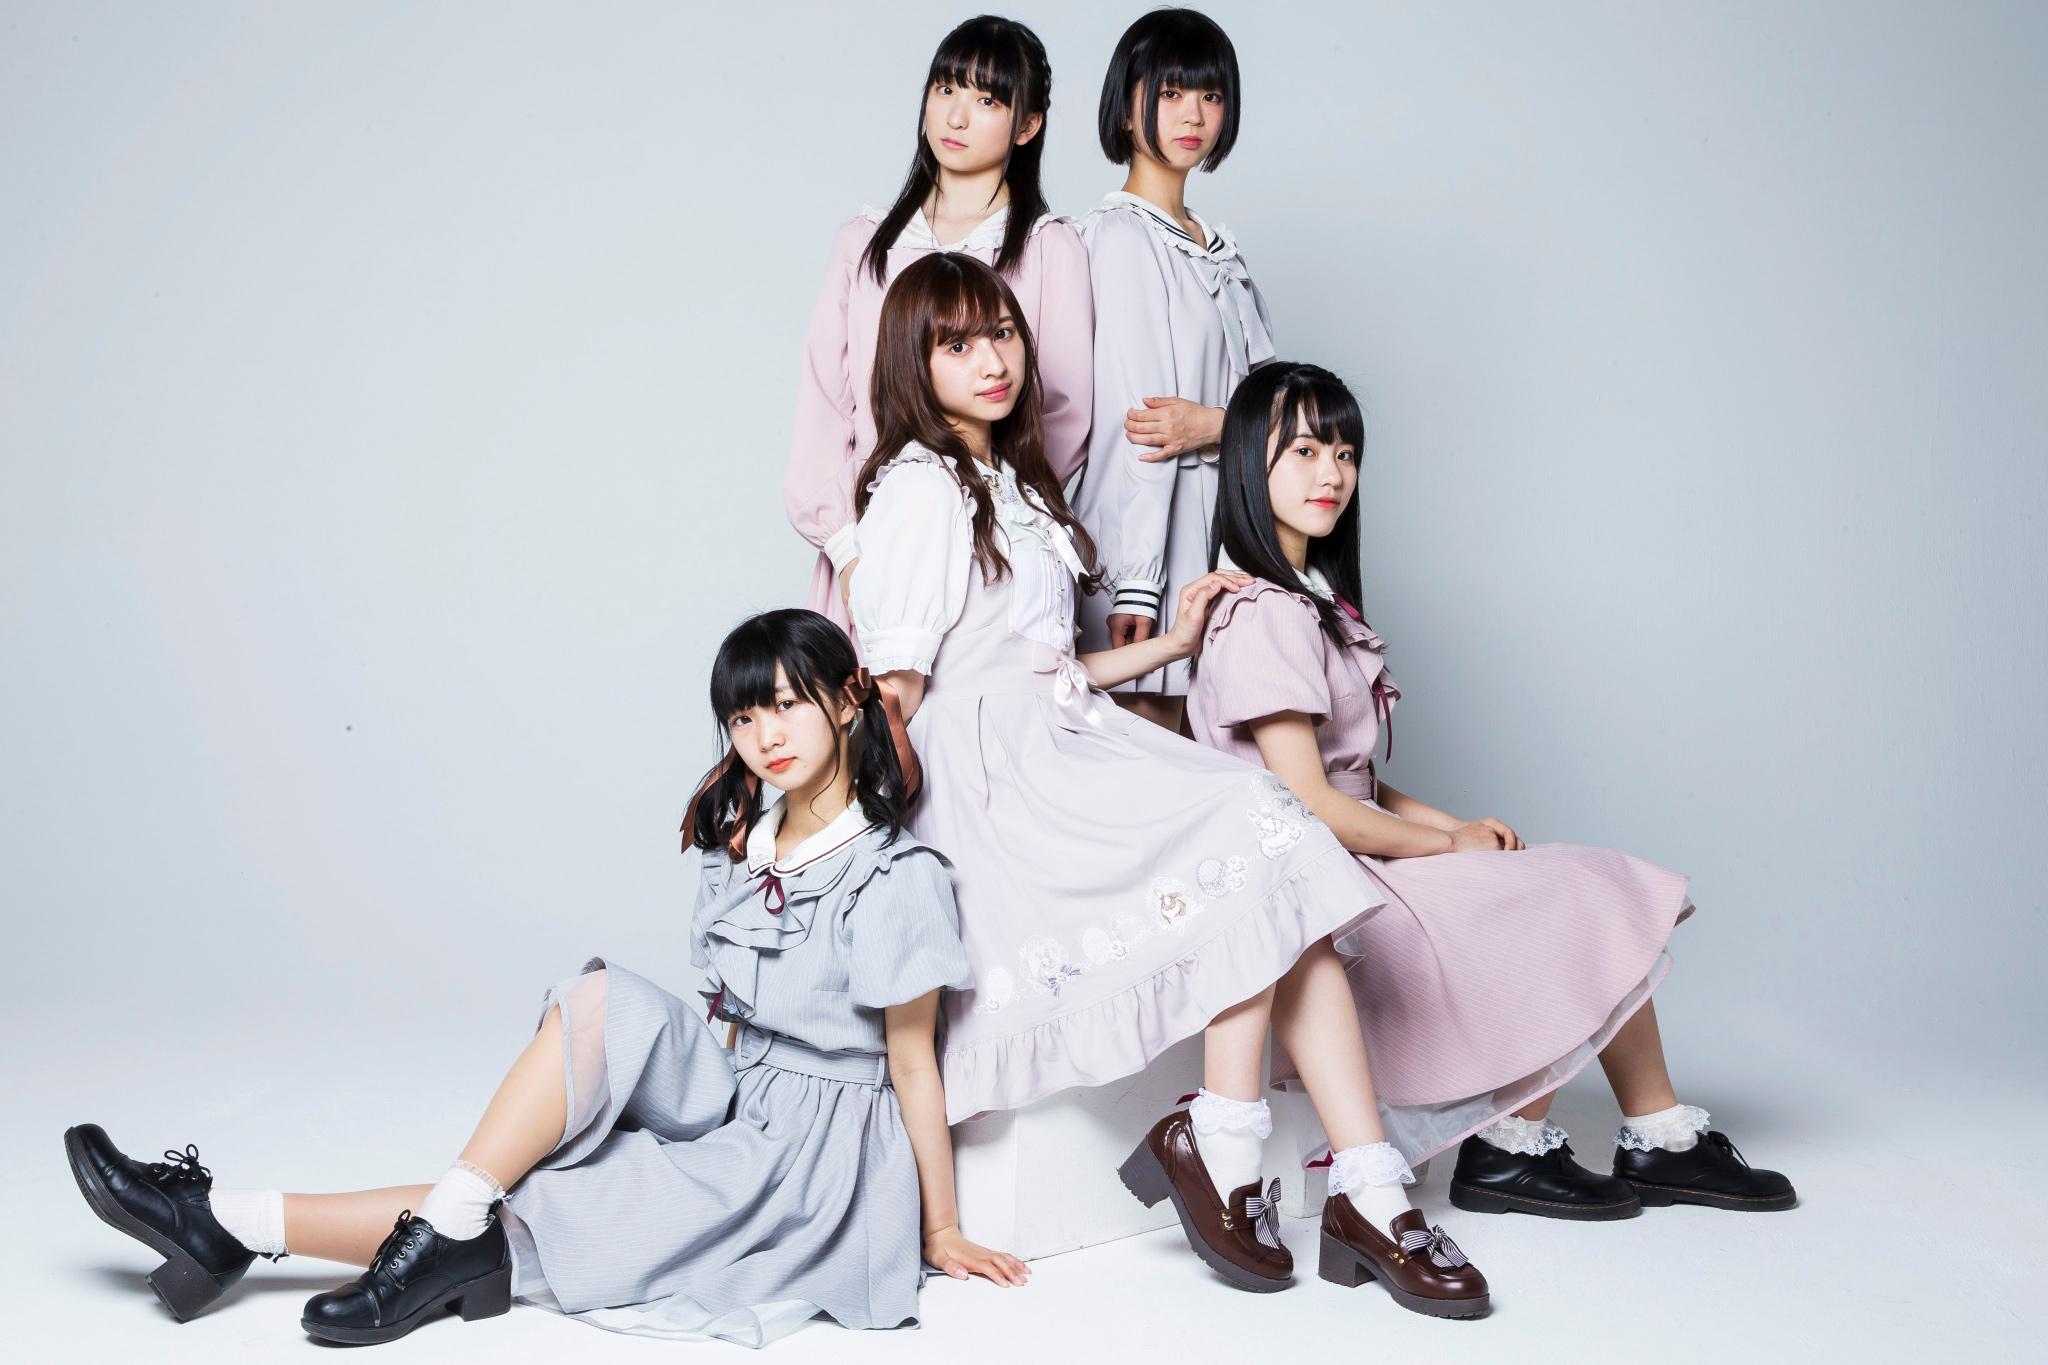 東京アイドル劇場「キプリスモルホォ」公演 2020年07月23日